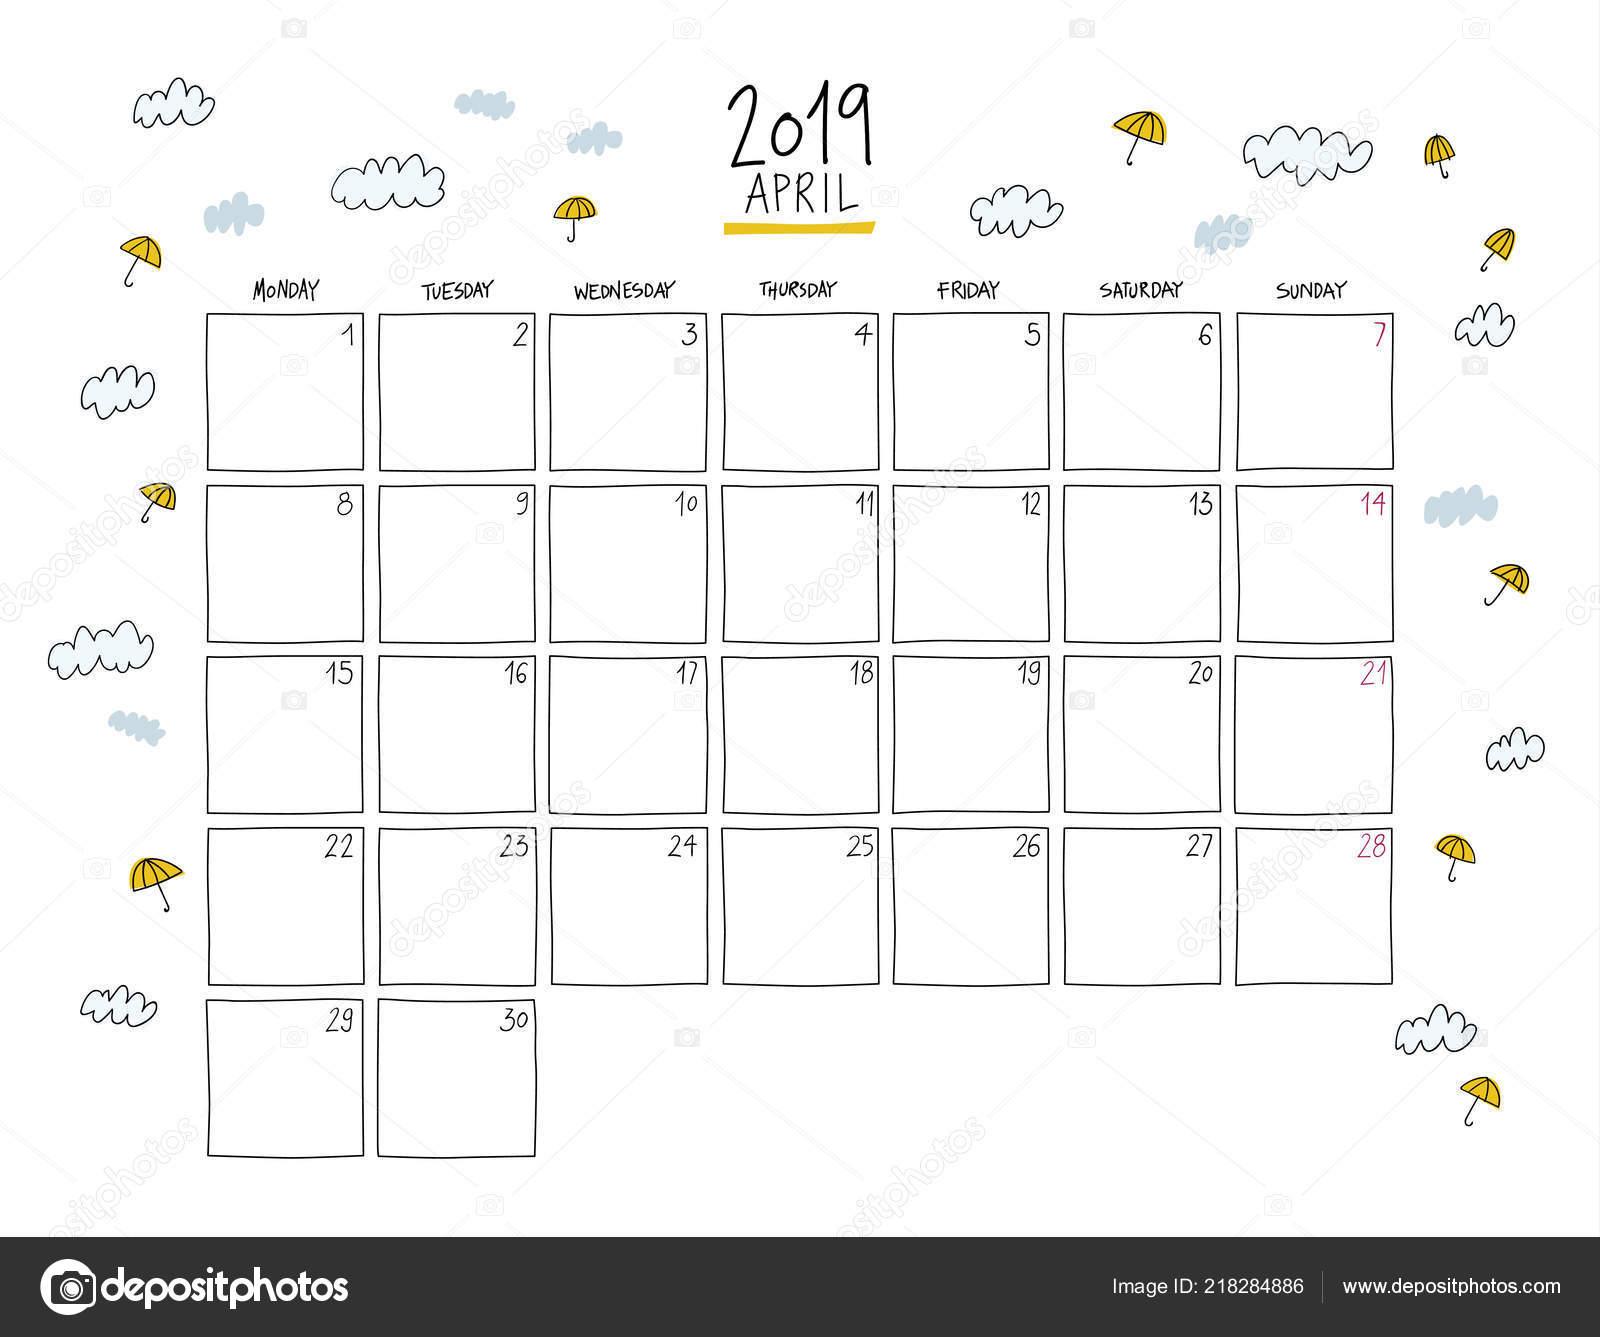 0d09231db Calendario de pared de abril de 2019. Plantilla horizontal de dibujo  colorido.